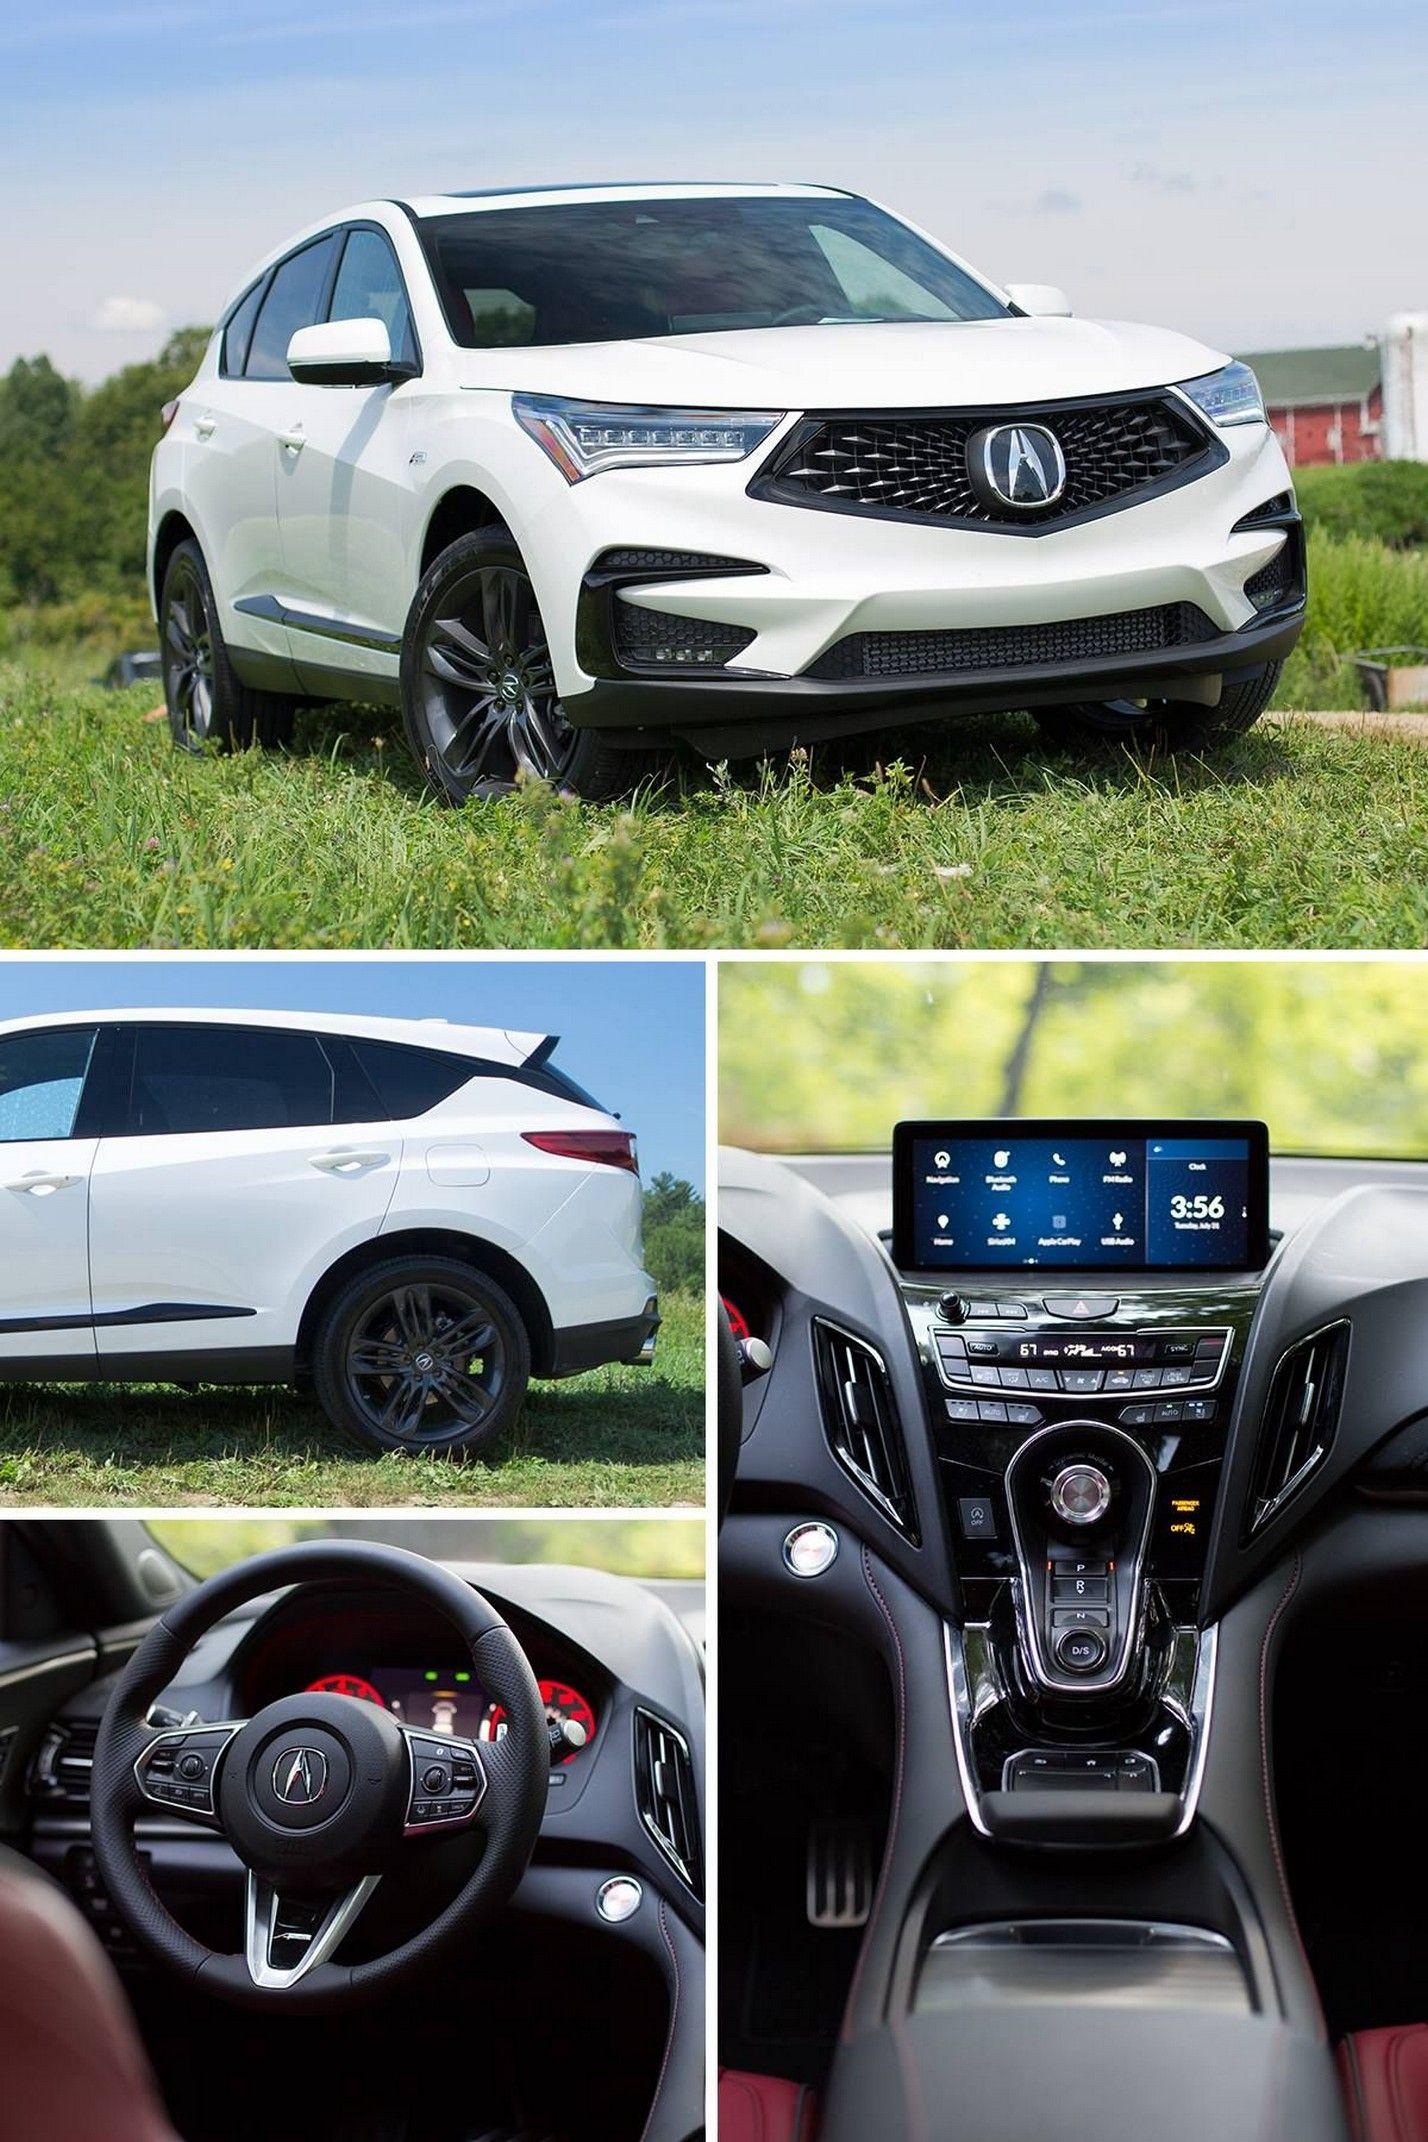 2017 Acura Ilx Owners Manual 13 In 2020 Acura Cars Acura Rdx Acura Ilx